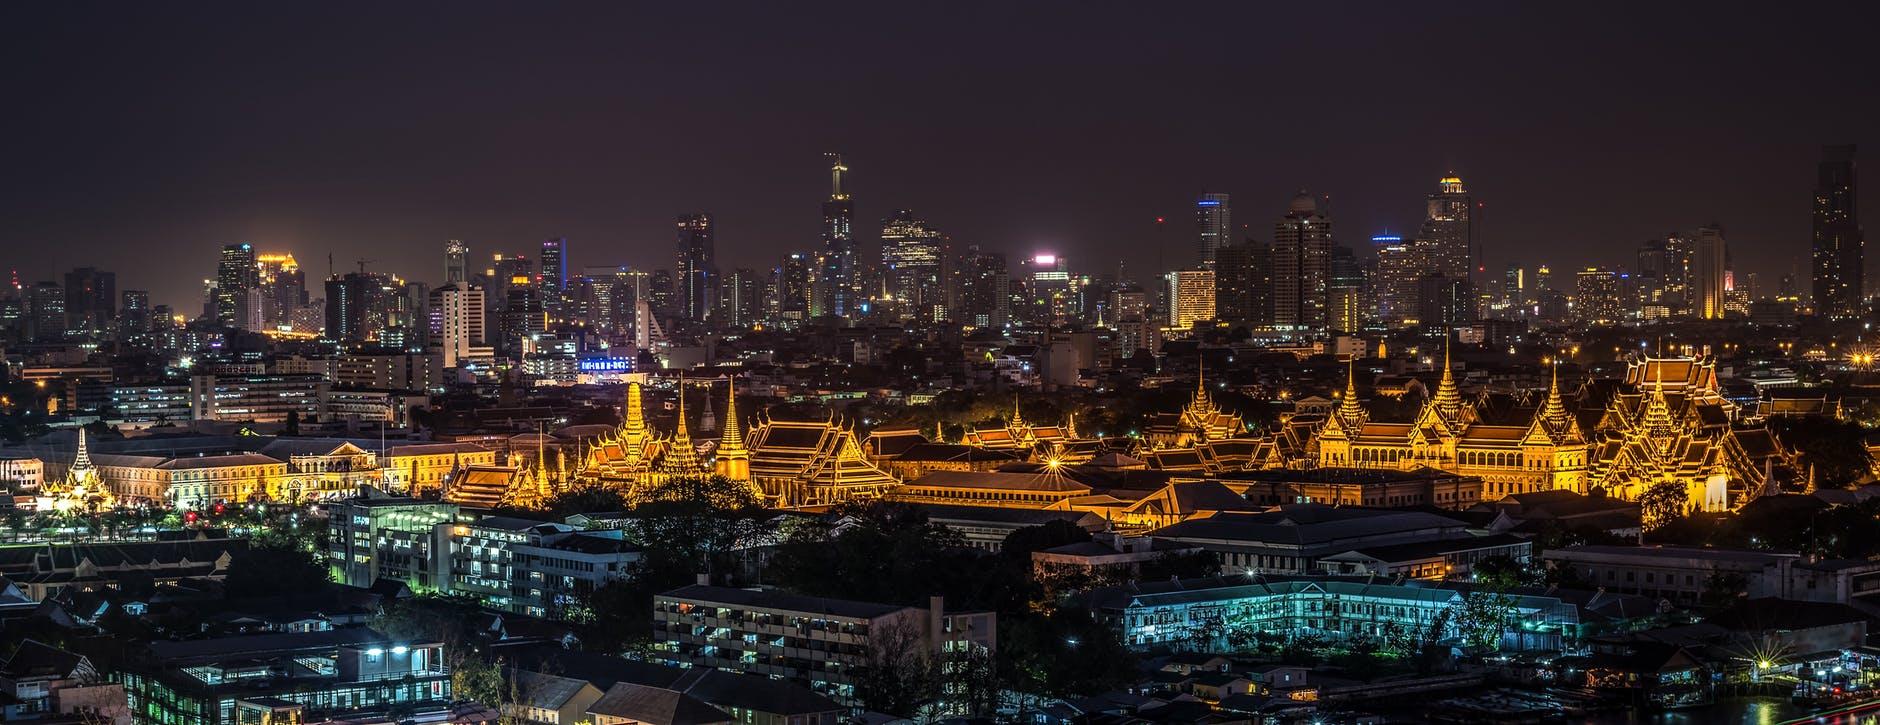 Из суровой зимы в жаркие тропики: как провести отпуск в экзотическом Таиланде